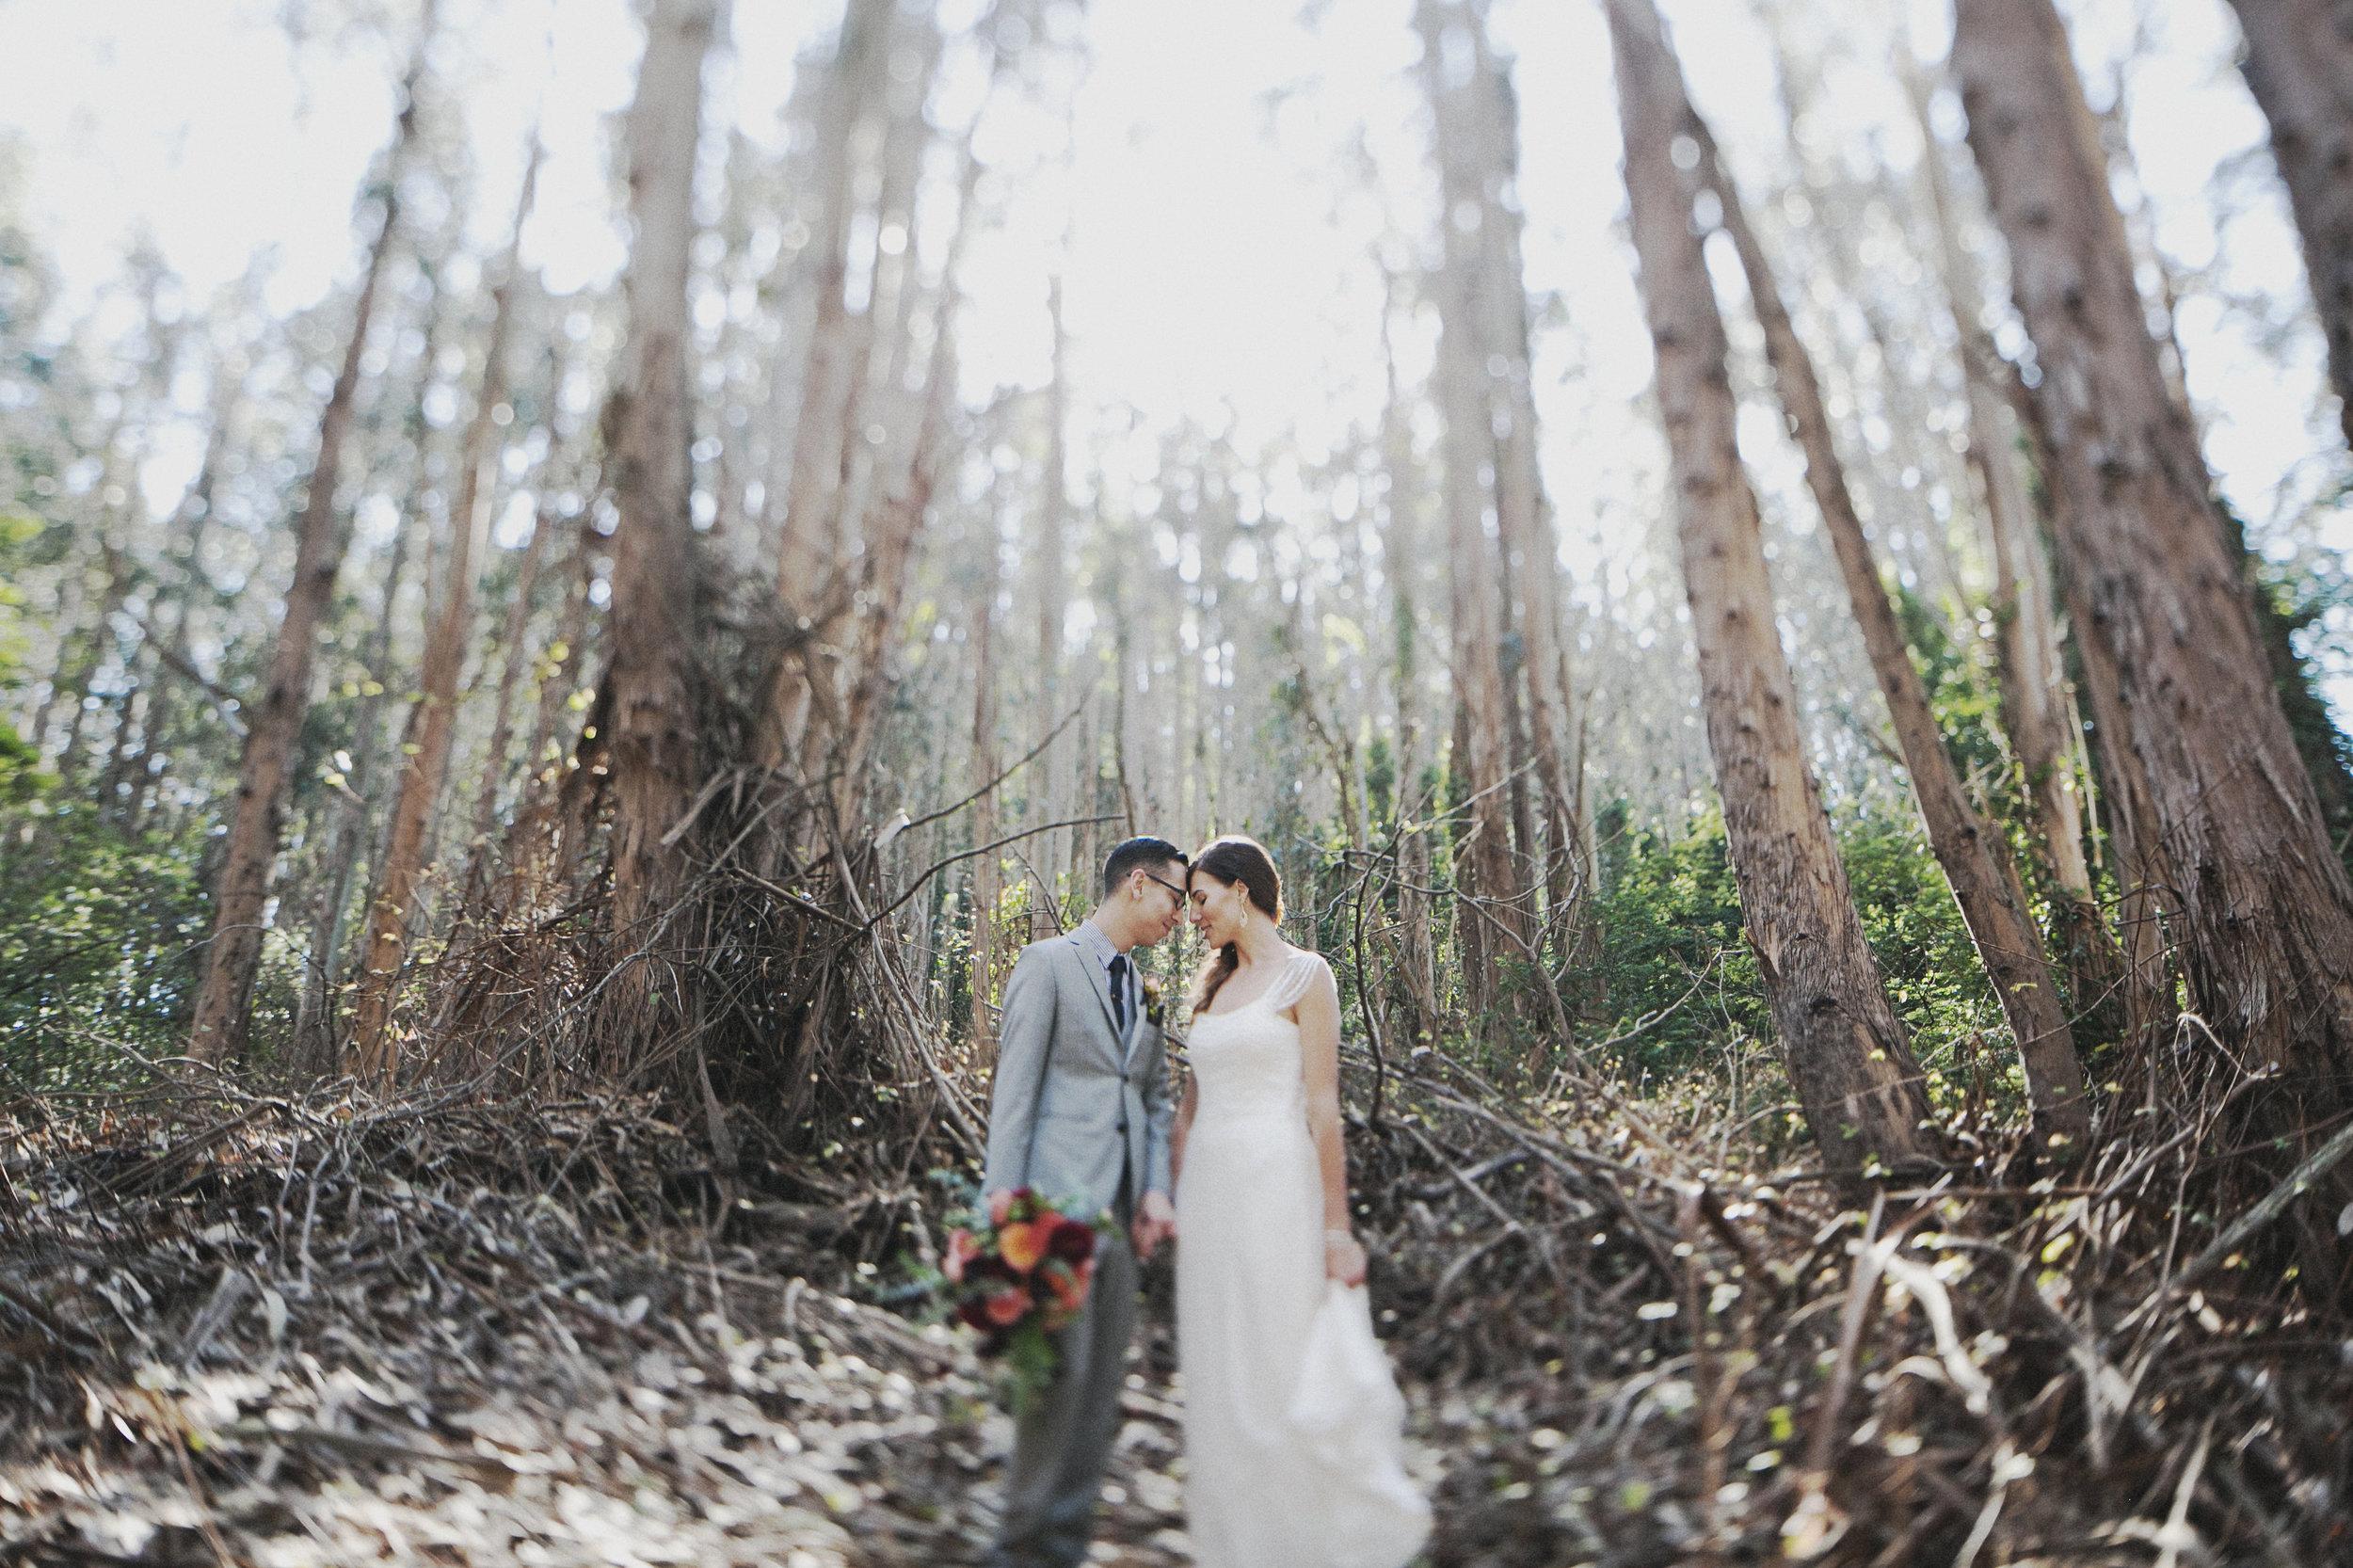 Nichole_Will_SanFranciso_Wedding_12.JPG